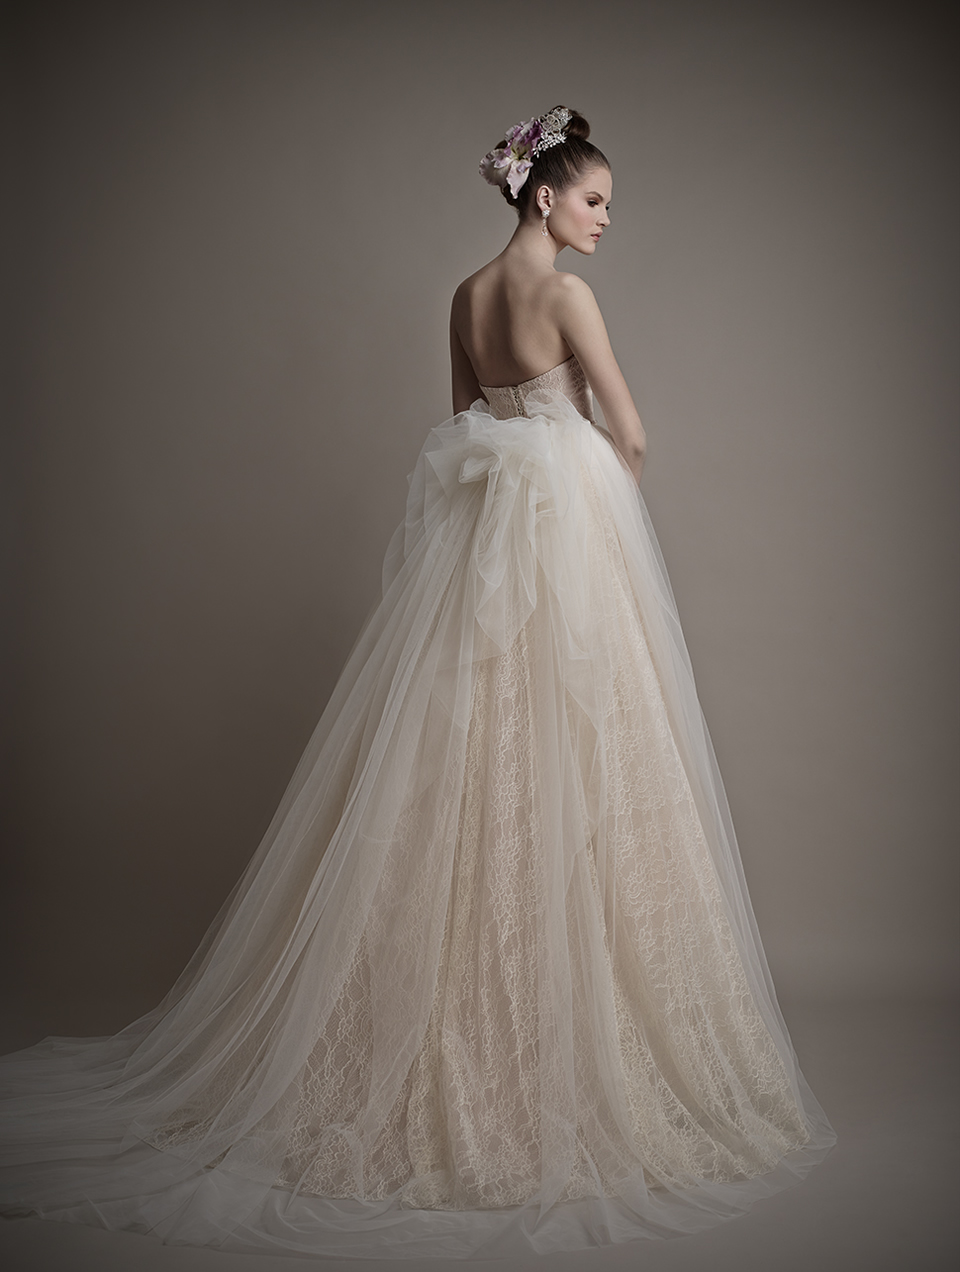 Коллекция свадебных платьев 2015 года от Ersa Atelier8-1